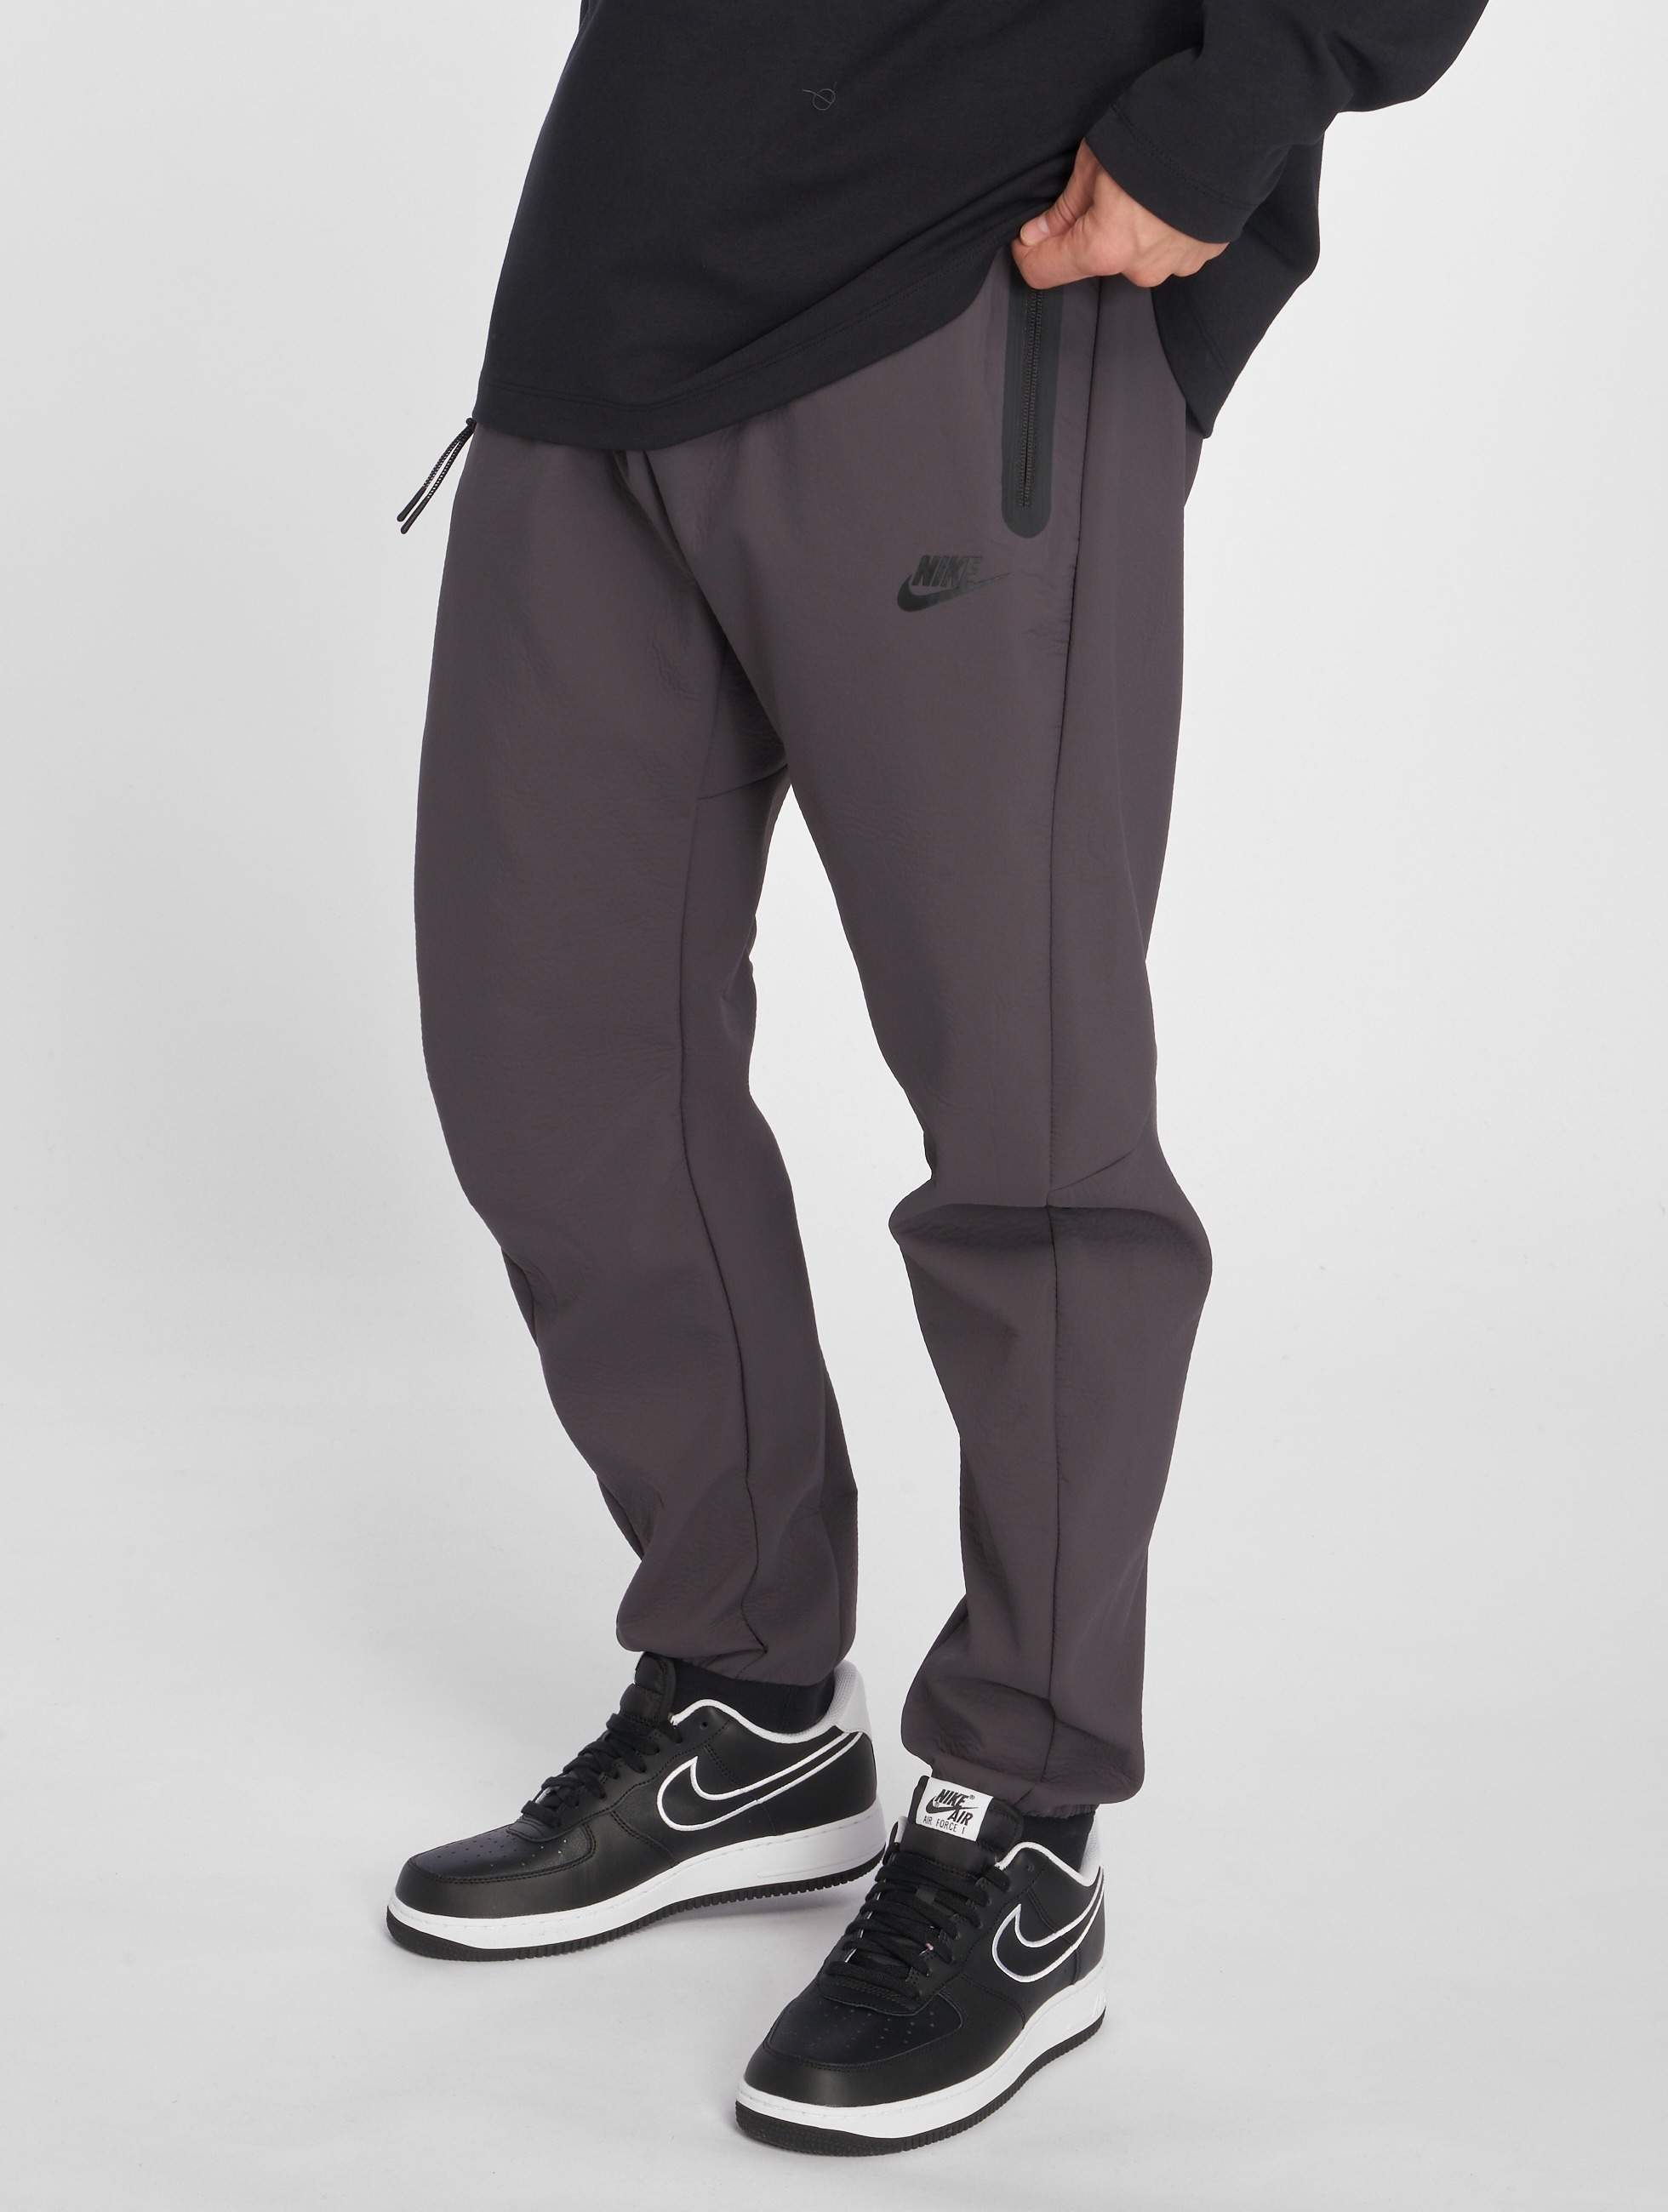 4eec6d2183c Nike broek / joggingbroek Tech Pack in grijs 502286